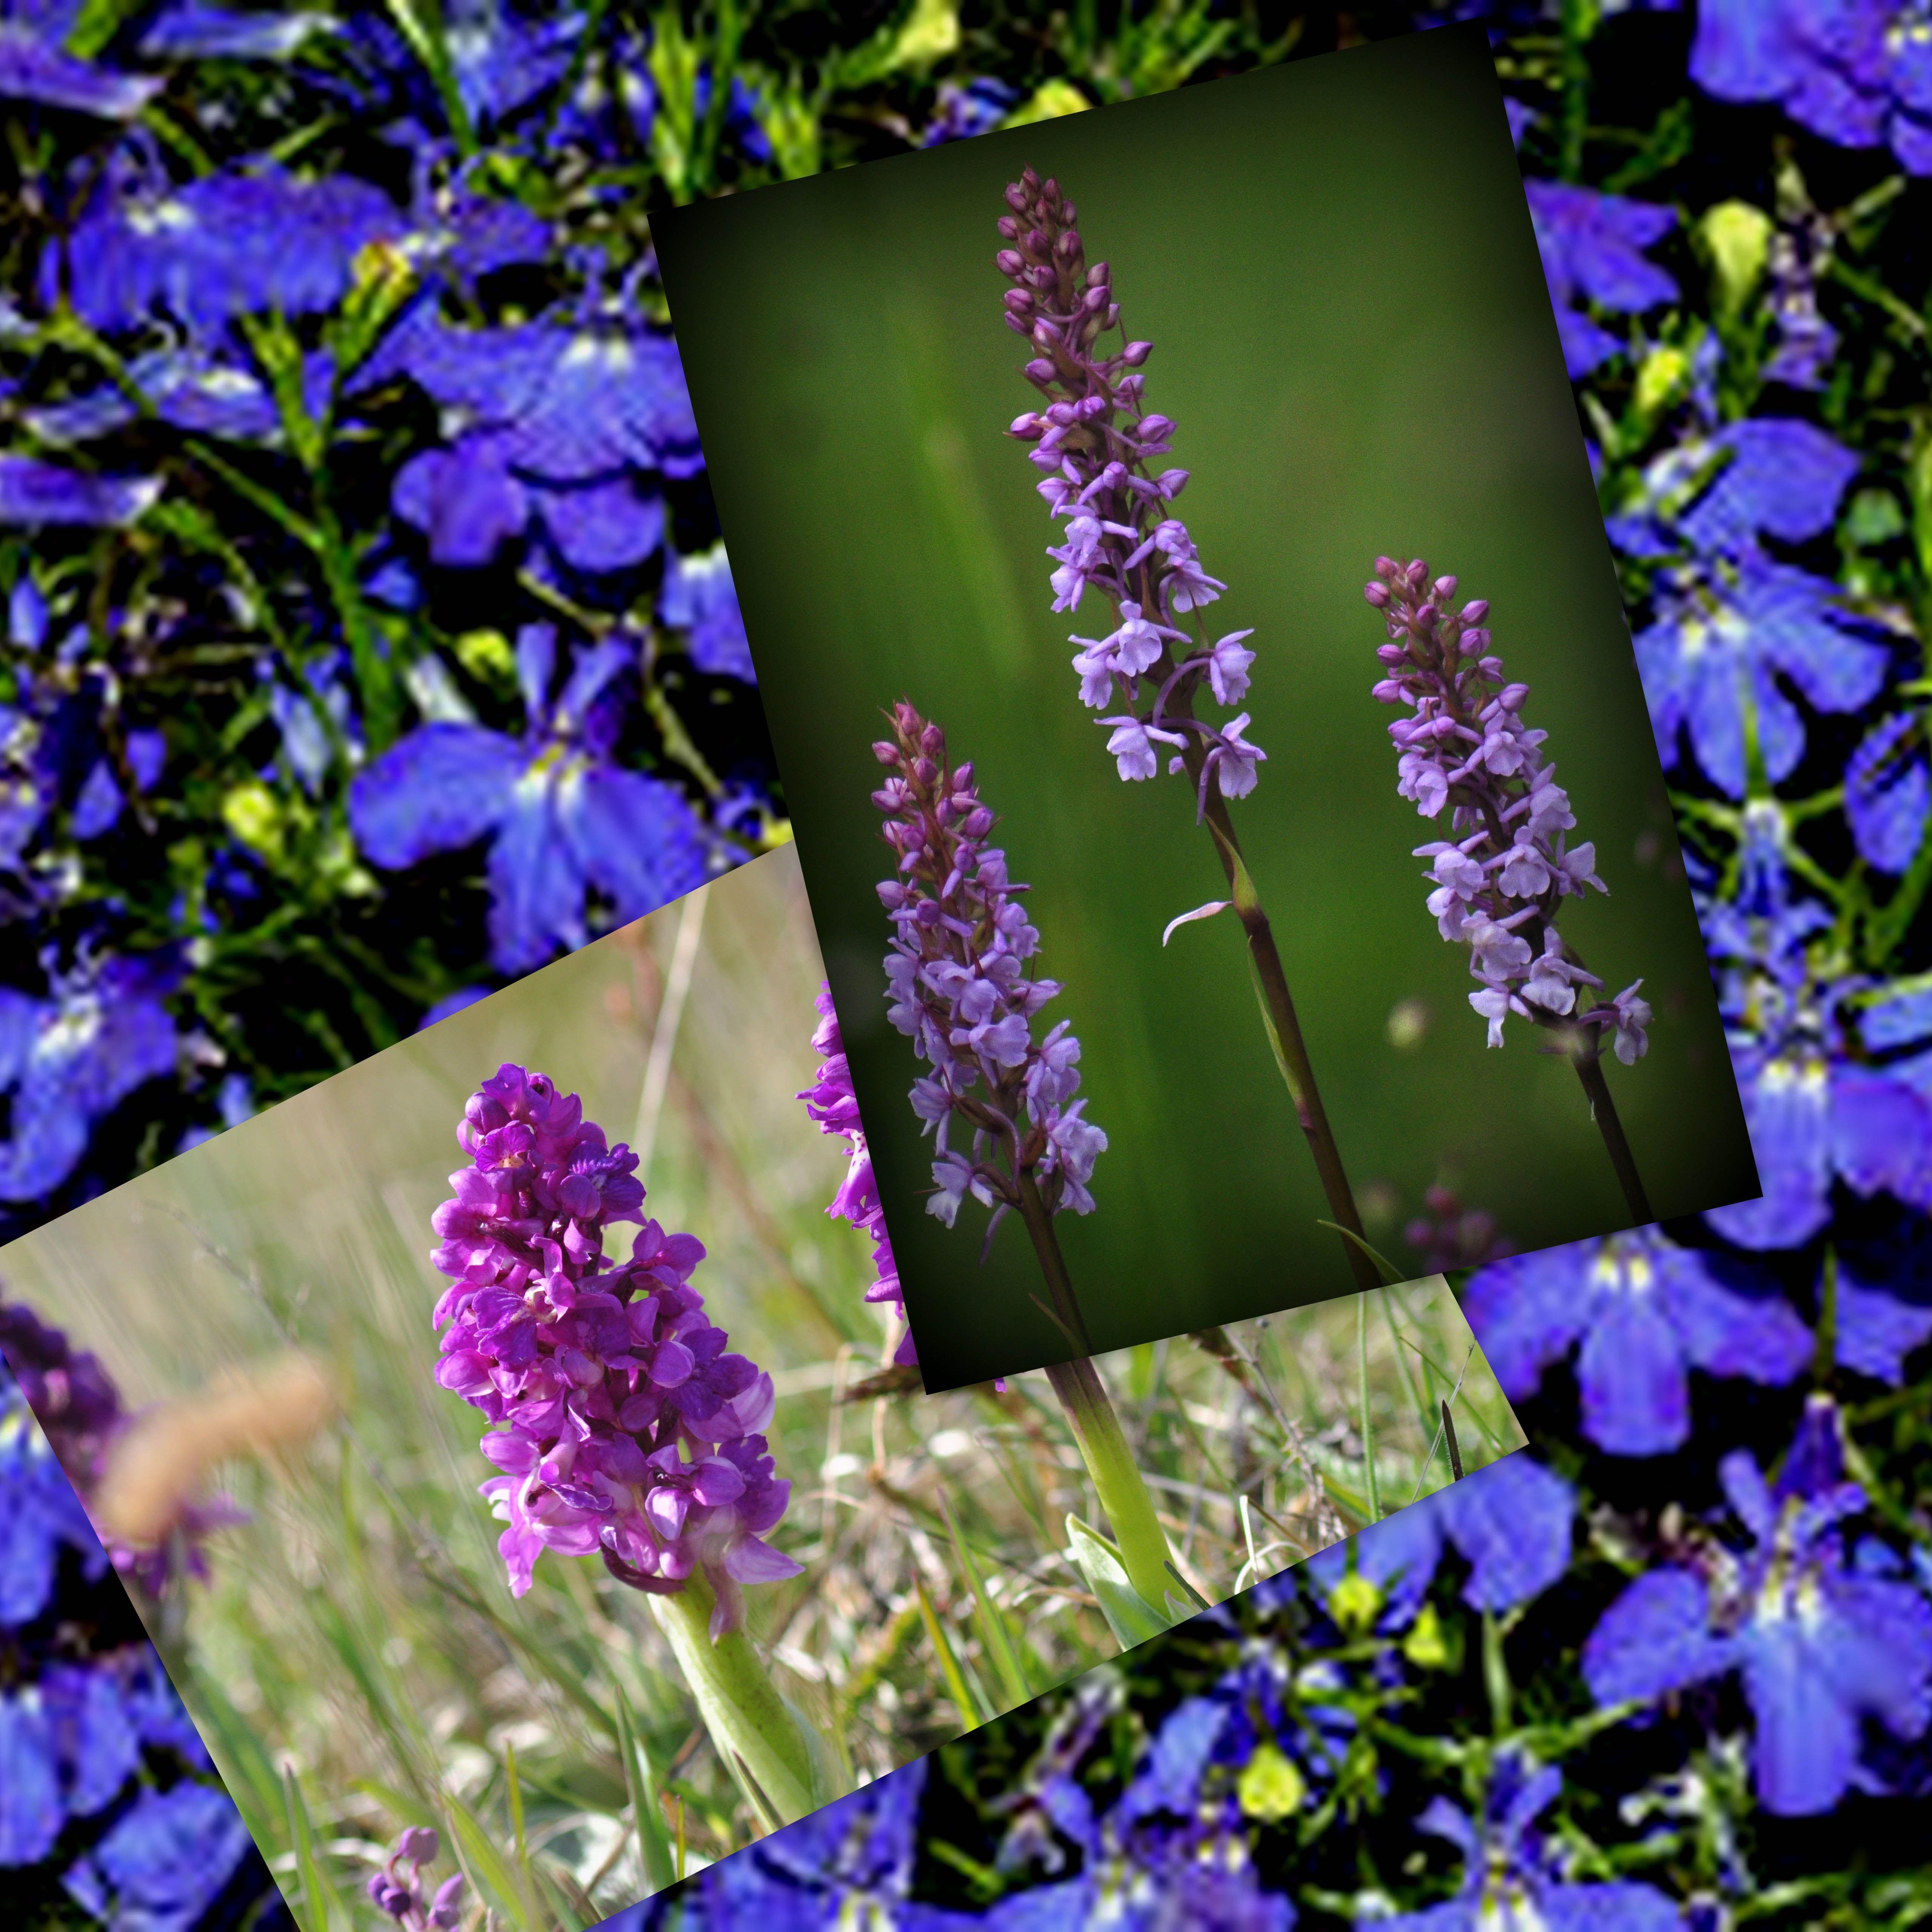 Försäljning av blommor och fotoutställning hos IOGT-NTO Gunnebo-Västrum